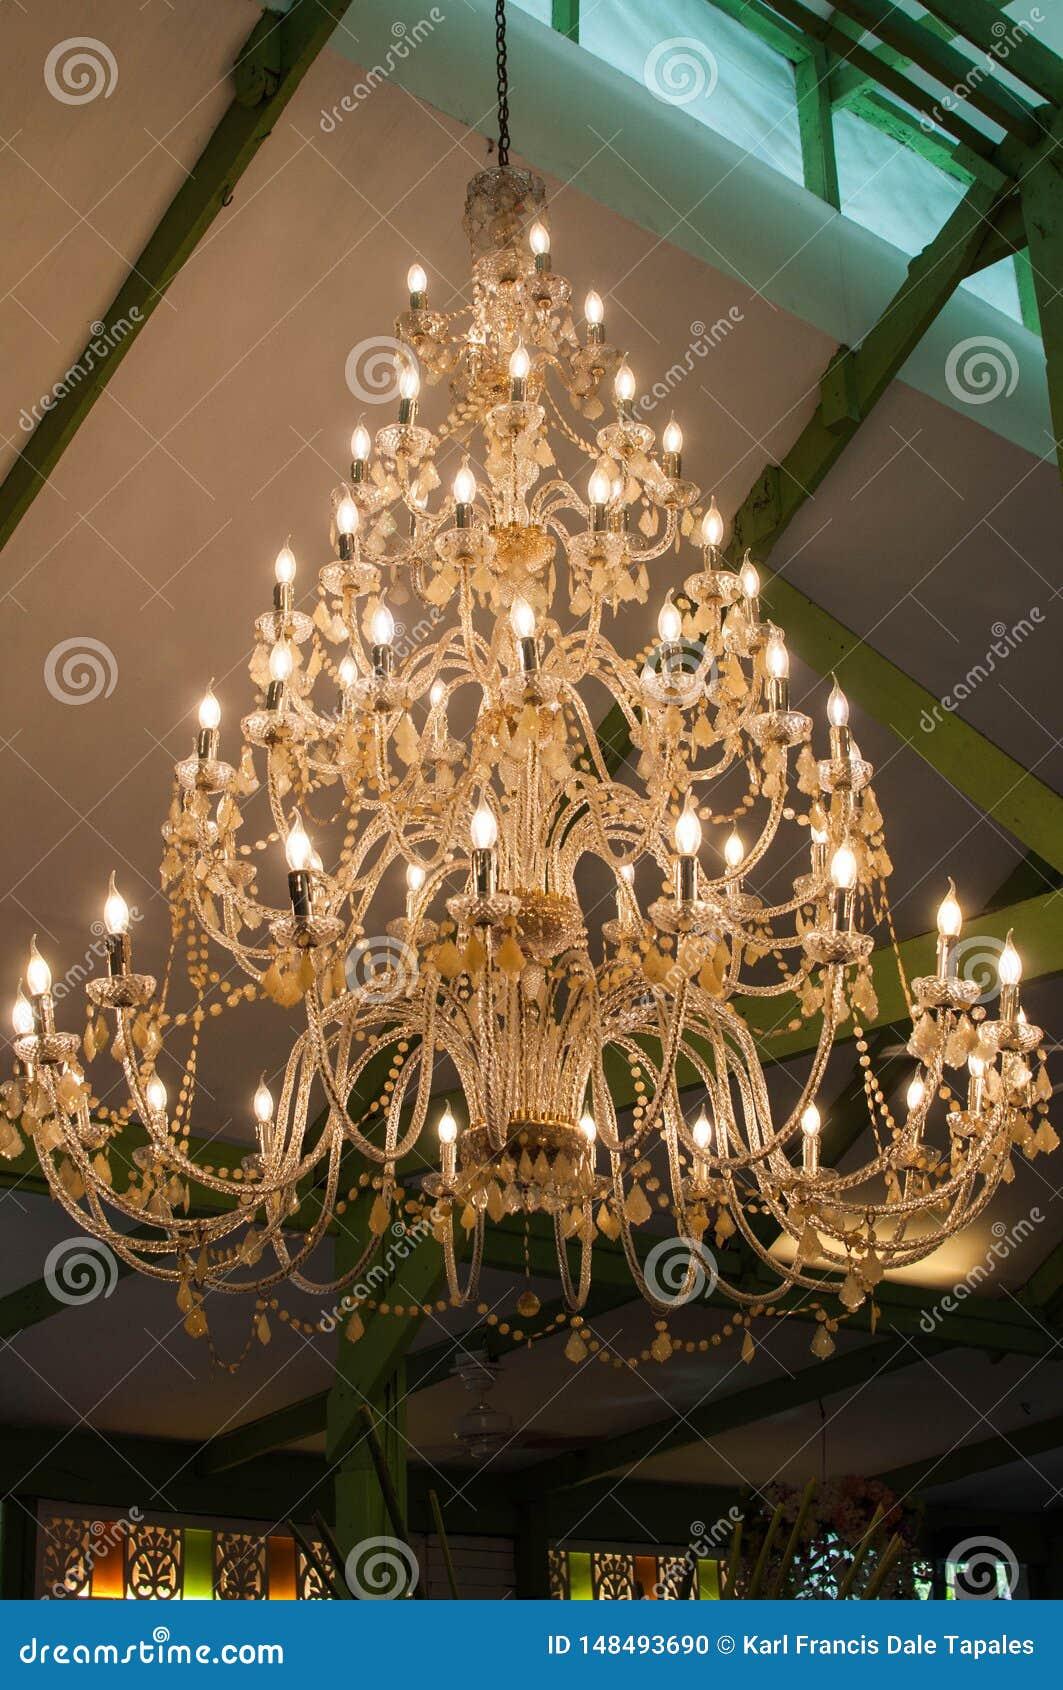 葡萄酒枝形吊灯低角度视图在天花板的